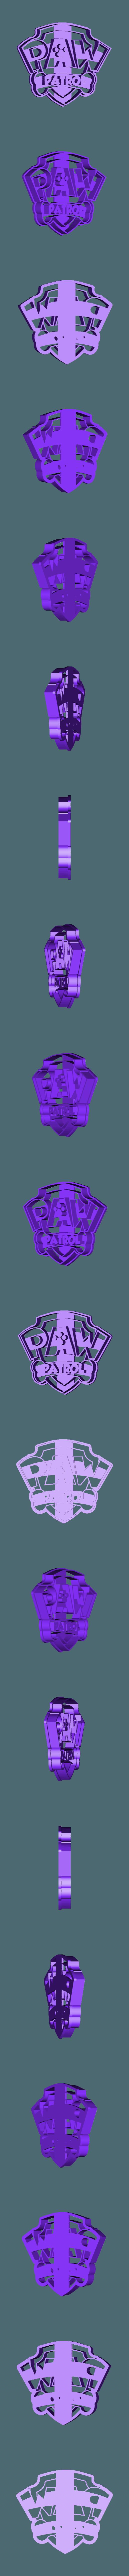 logo paw Patrol.stl Télécharger fichier STL gratuit Pack patrouille de patrouilles x 5 + logo - Coupe-cookie • Design imprimable en 3D, Taladrodesing